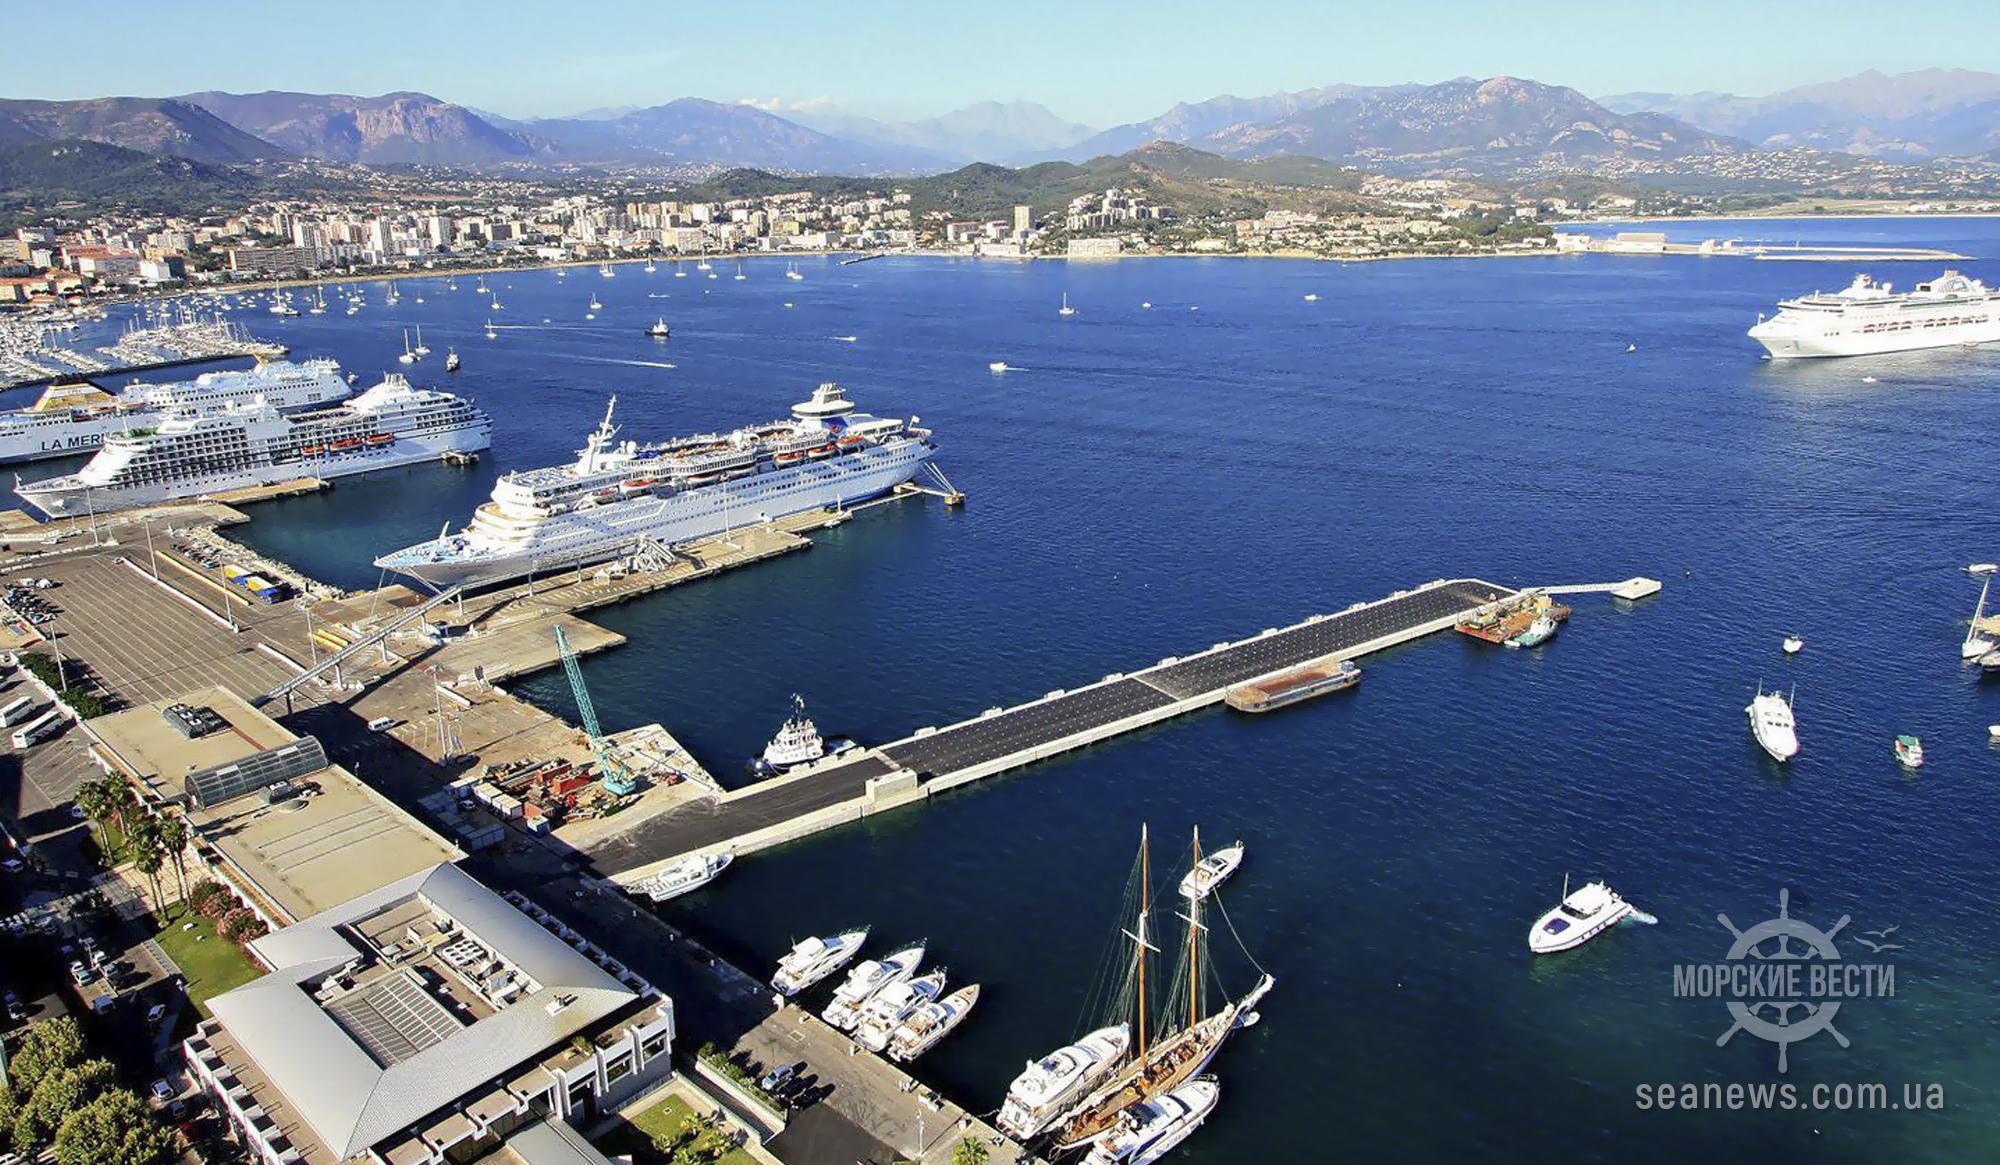 В одном из портов Греции произошел взрыв